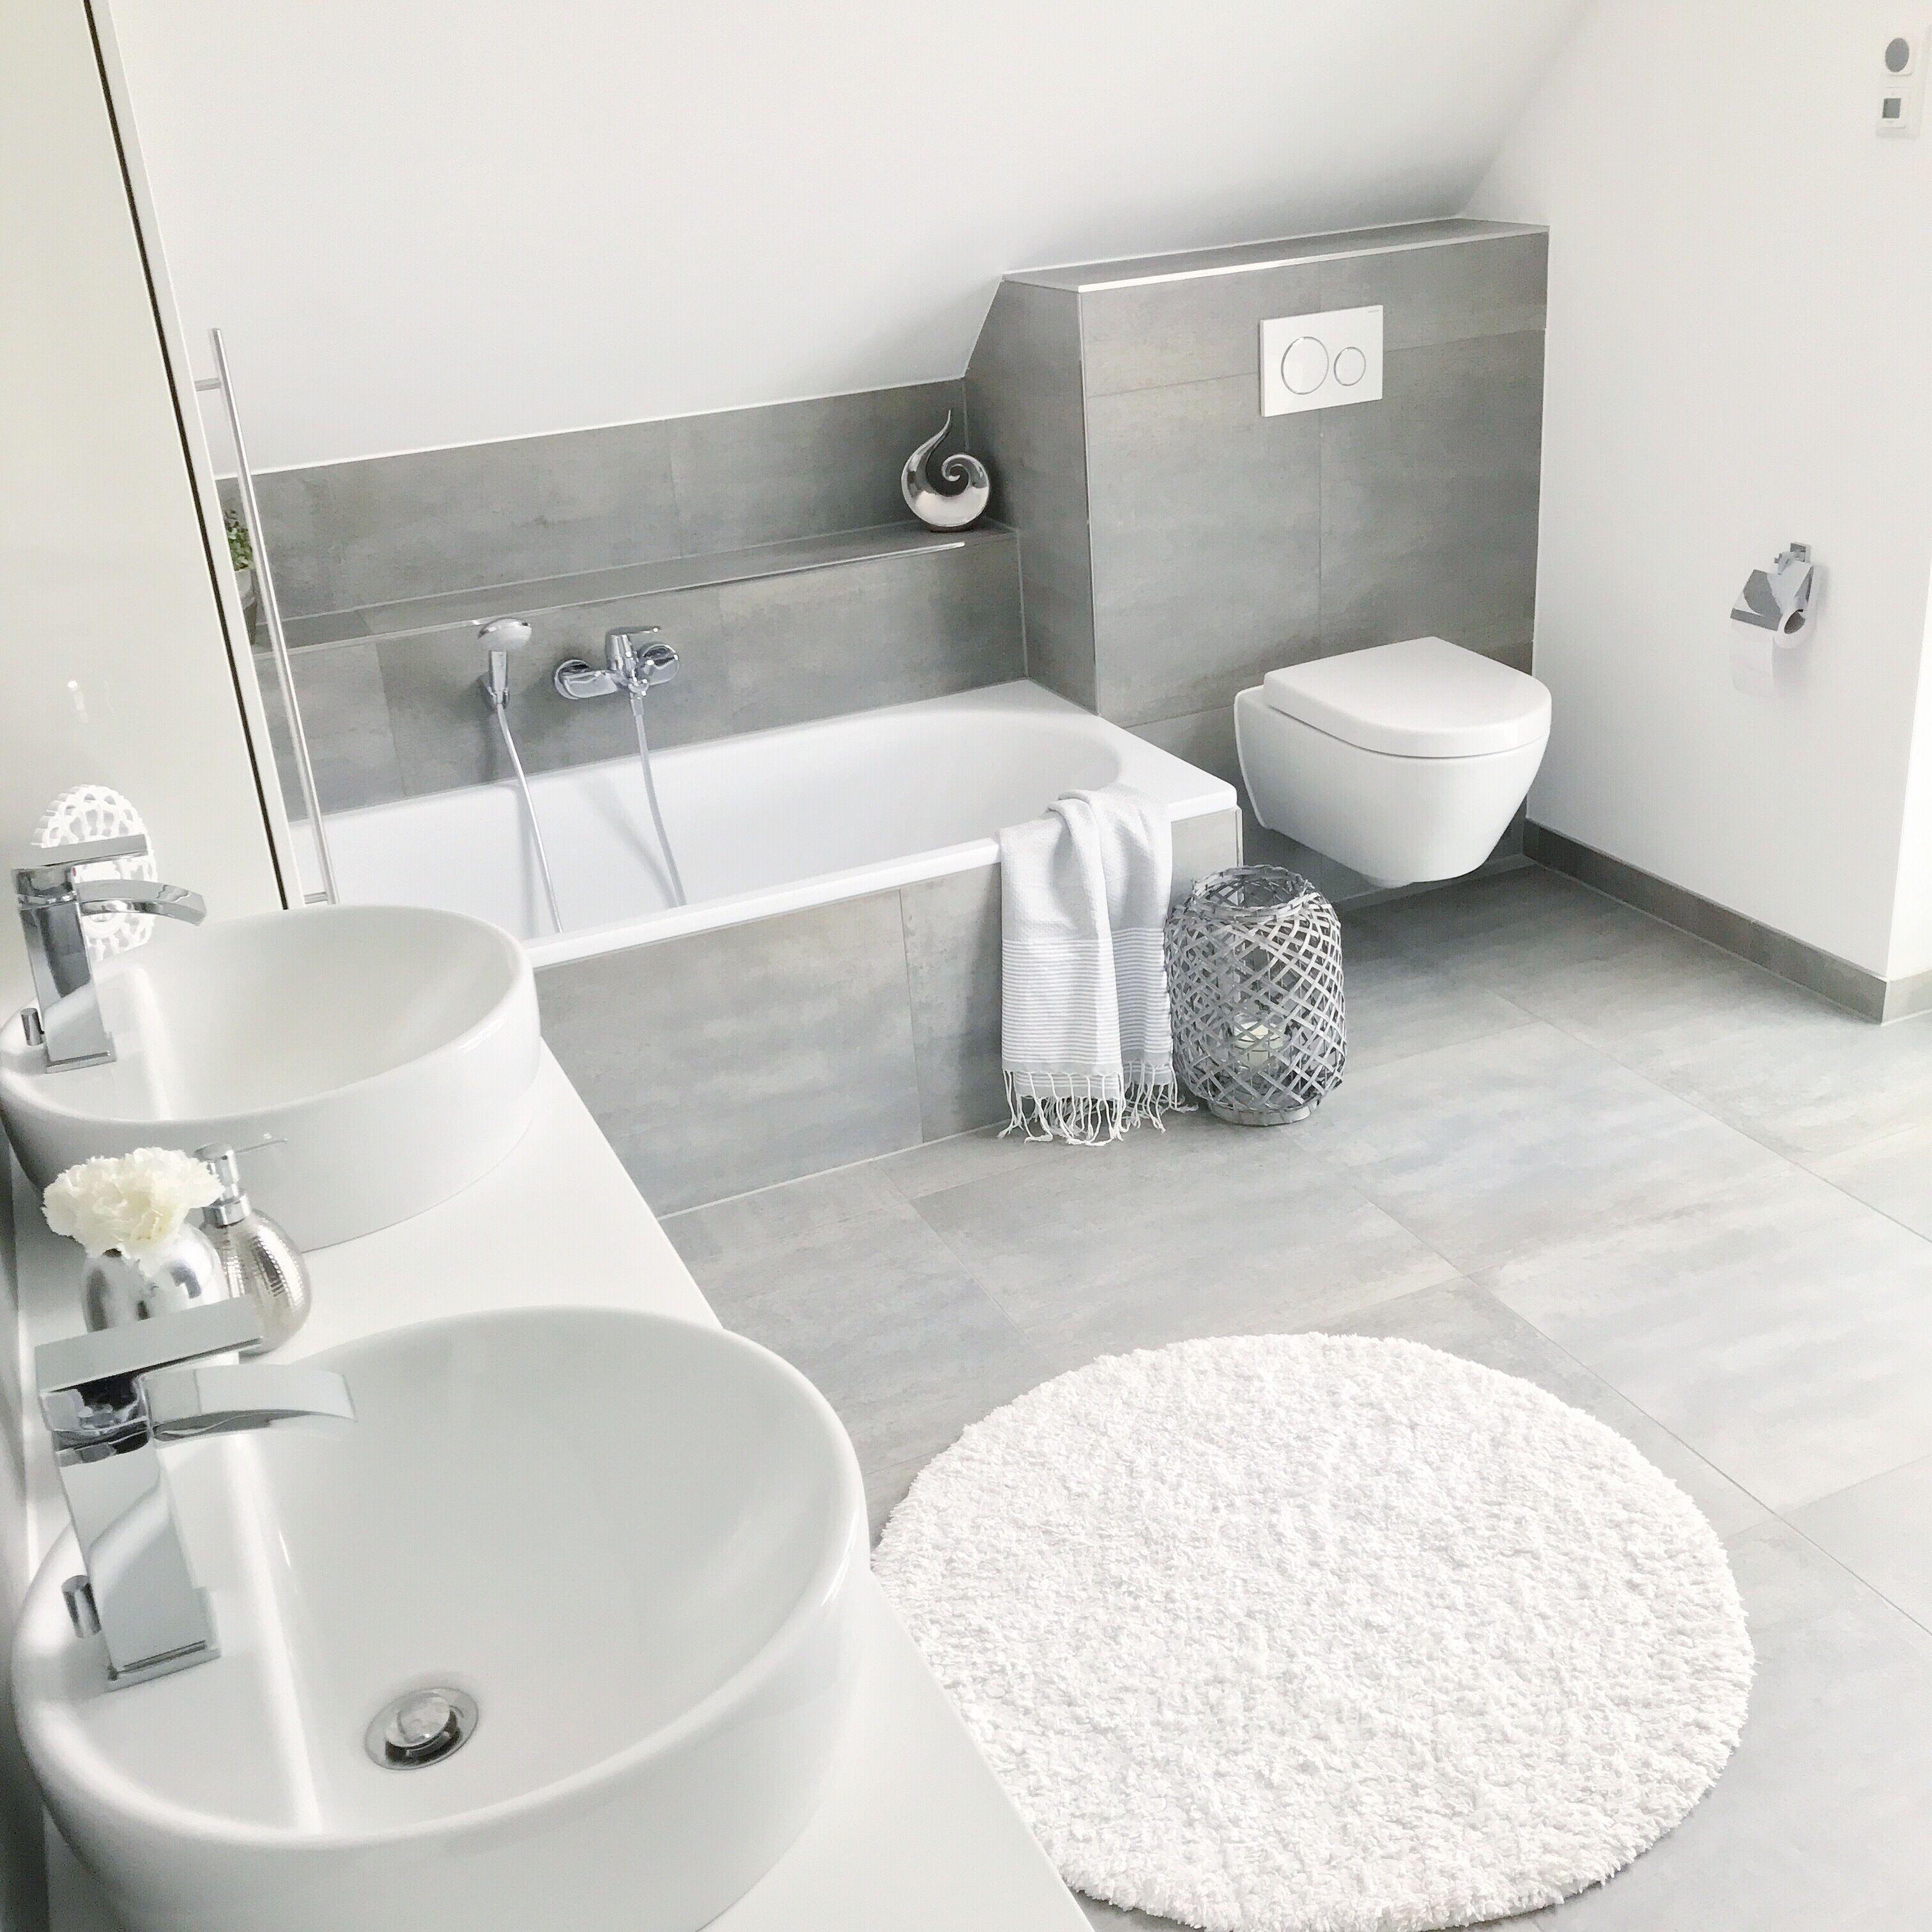 Badezimmer Instagram Wohn Emotion Landhaus Badezimmer Bathroom Modern Grau Weiss Wcinrich In 2020 Badezimmer Badezimmerideen Badezimmer Gestalten